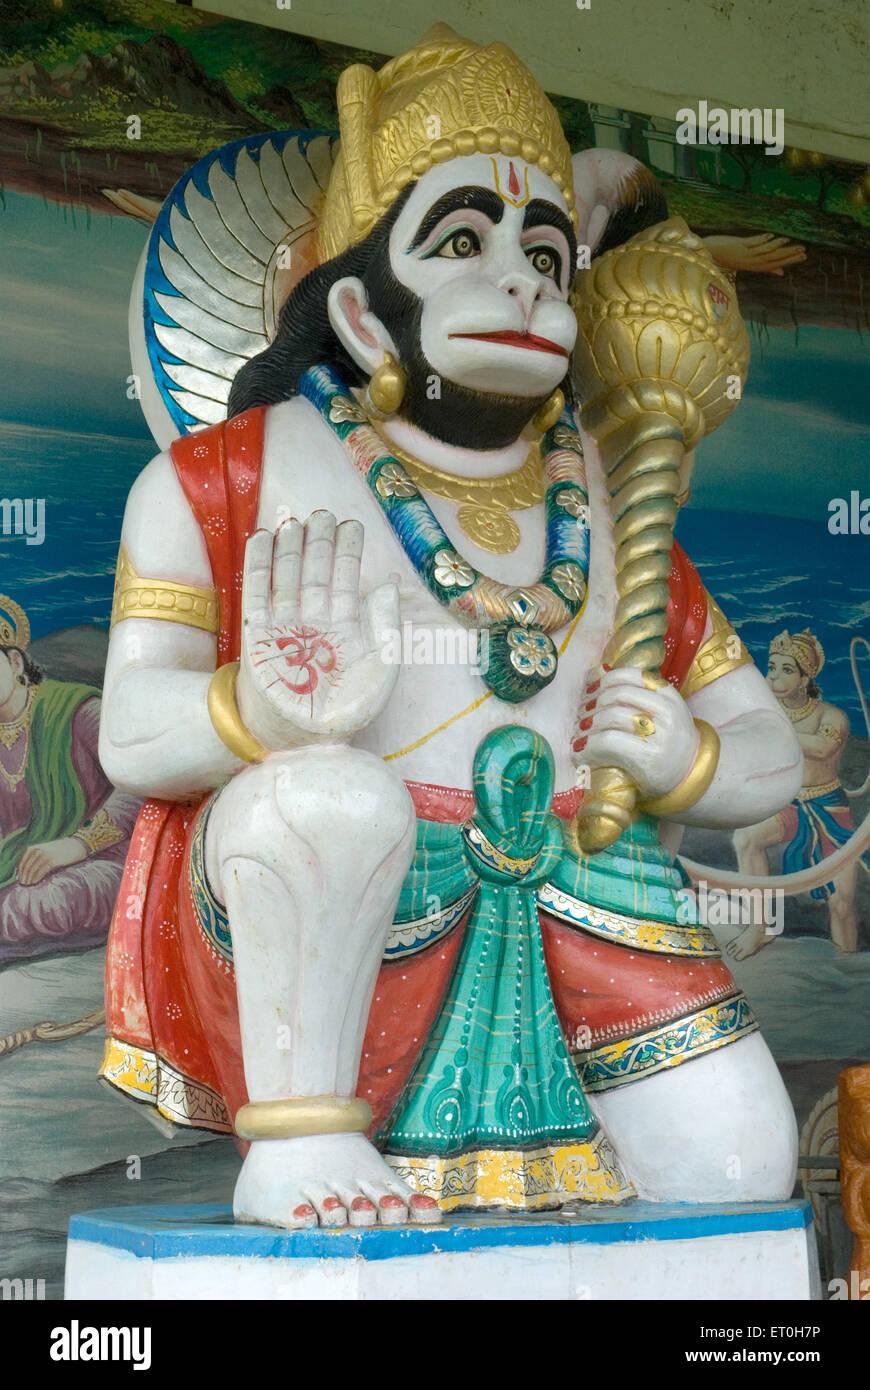 Statue of lord hanuman at Saralgaon